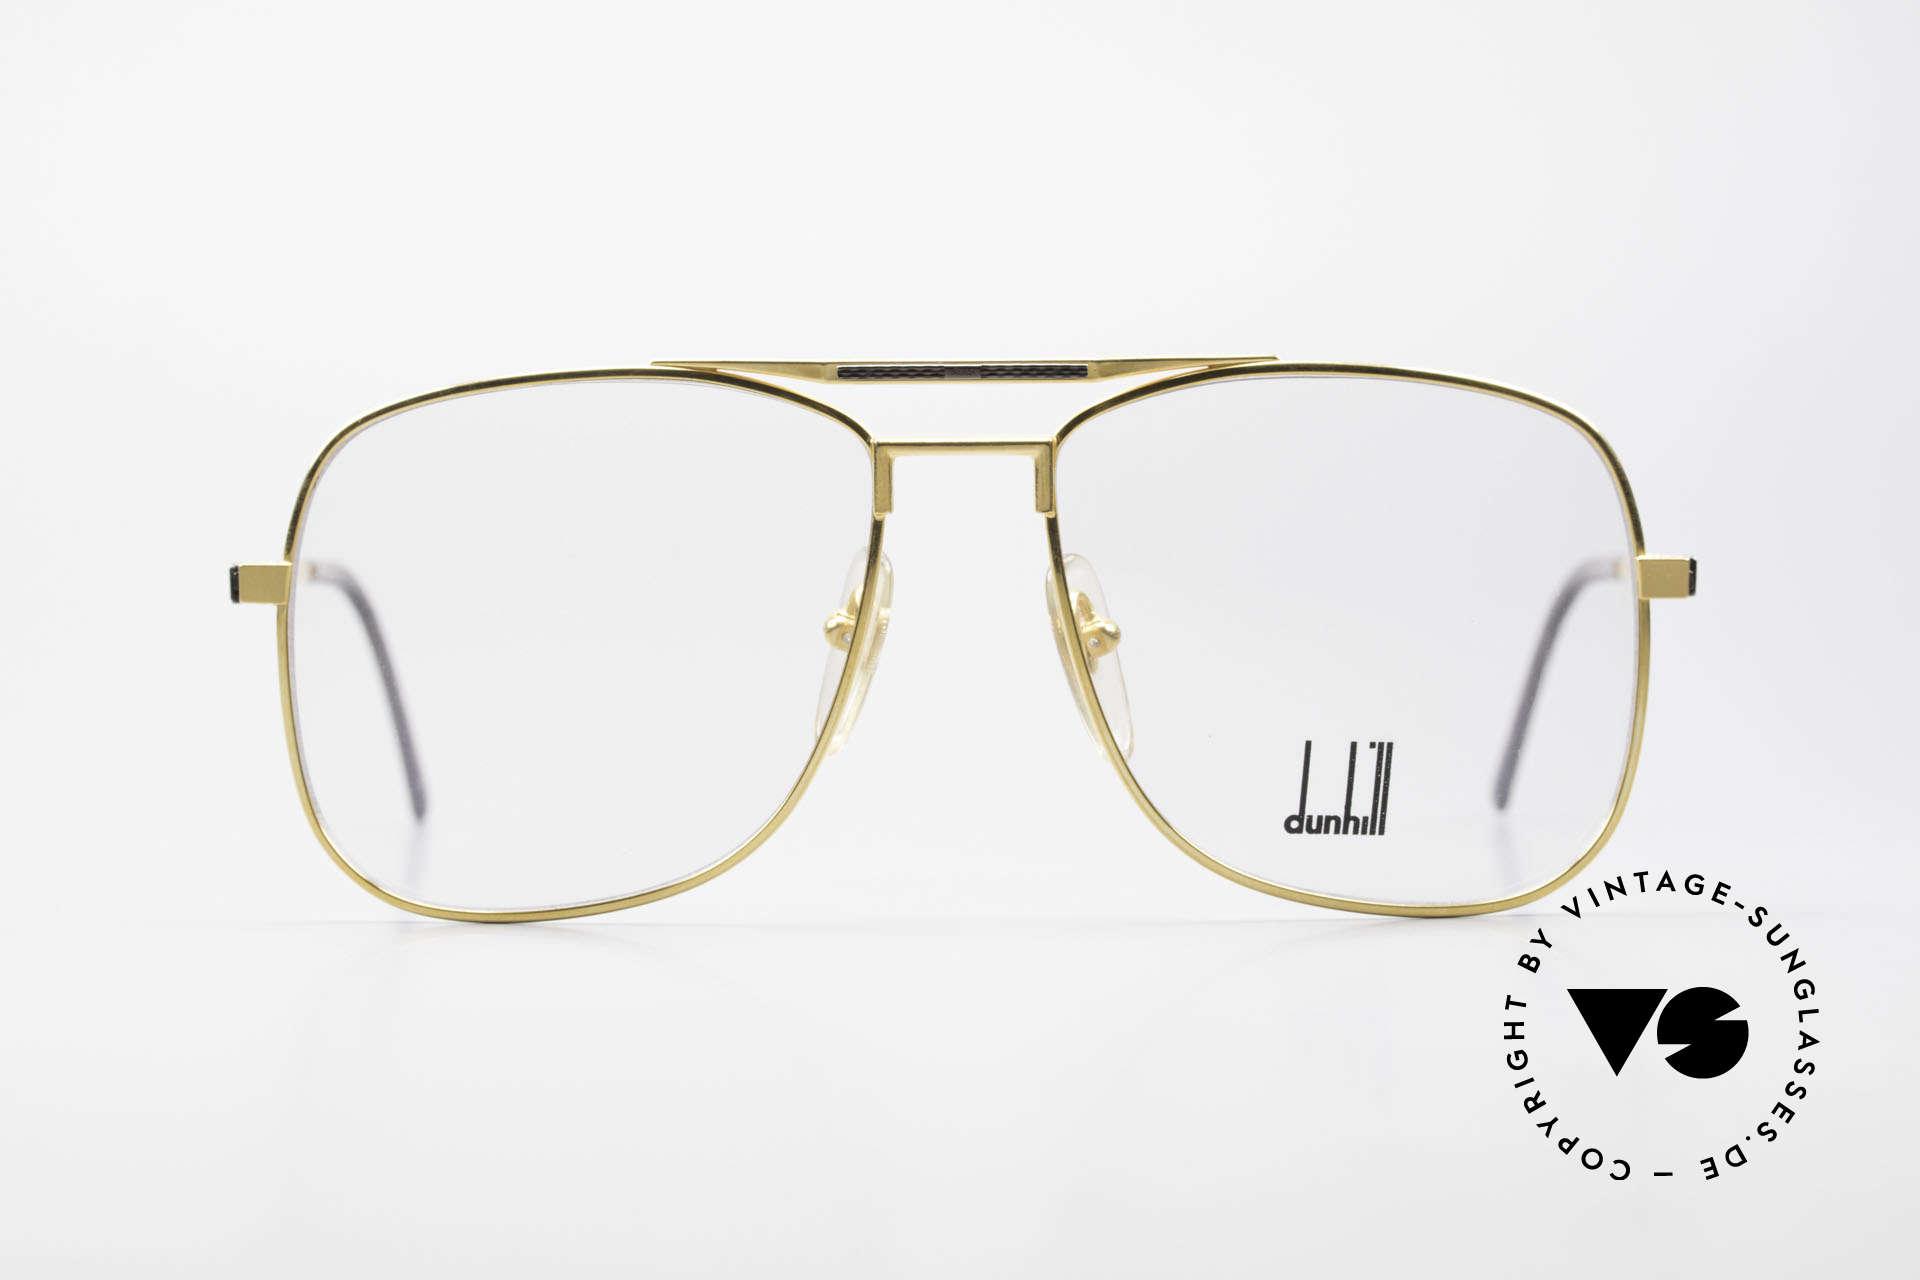 Dunhill 6038 Vergoldete 80er Titanium Brille, hartvergoldete A. DUNHILL Titanium-Brillenfassung, Passend für Herren